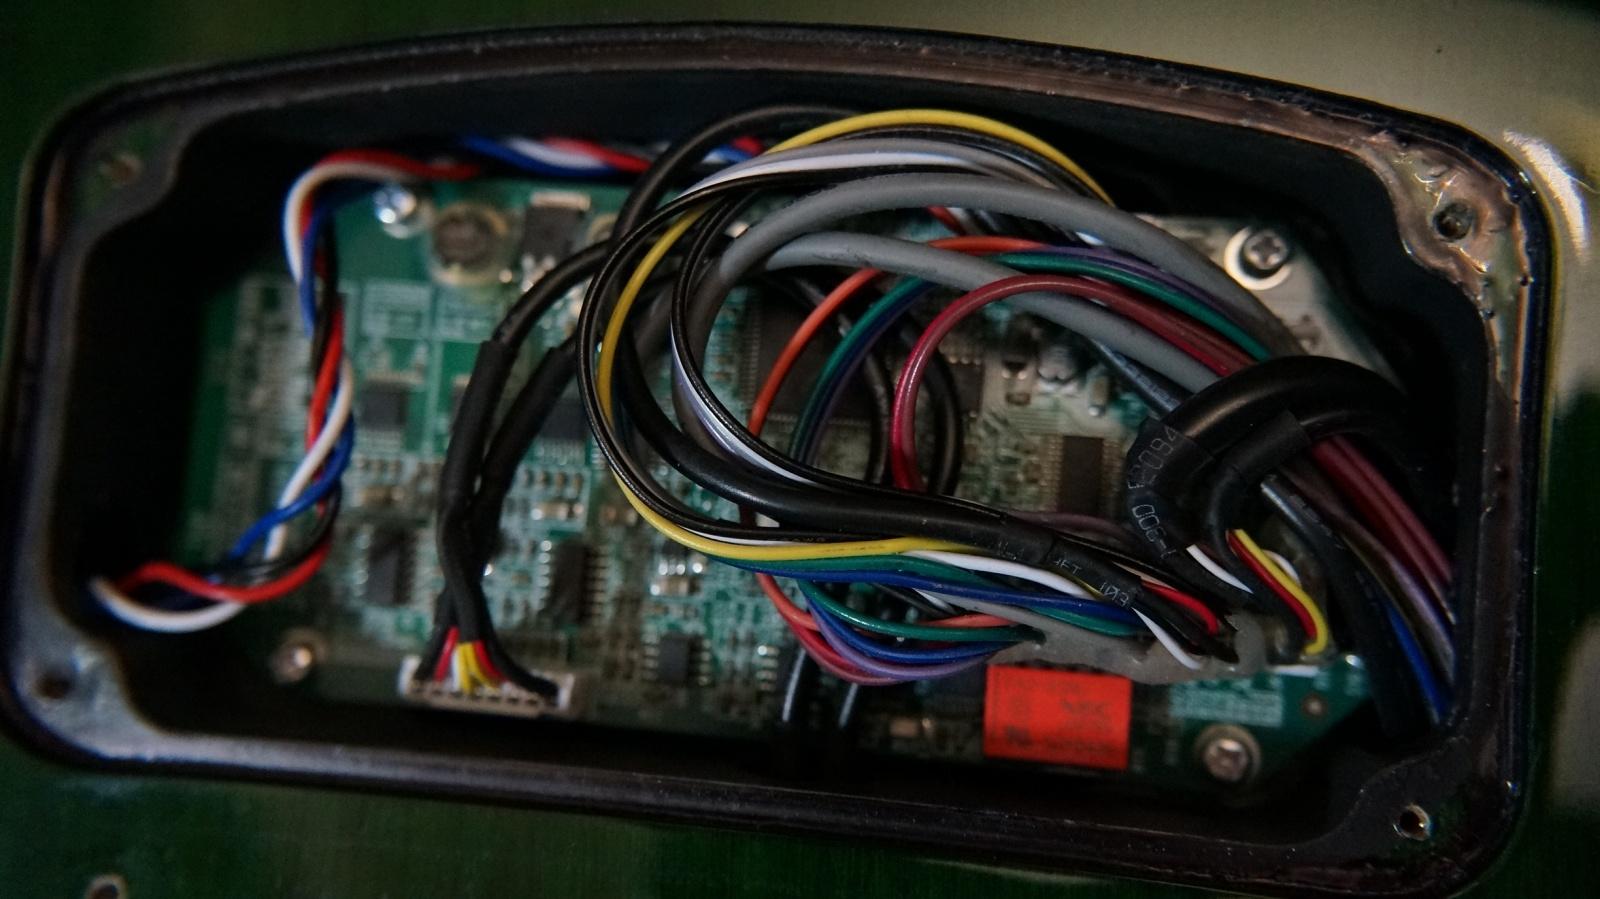 Электрогитара, работающая по Ethernet кабелю - 3